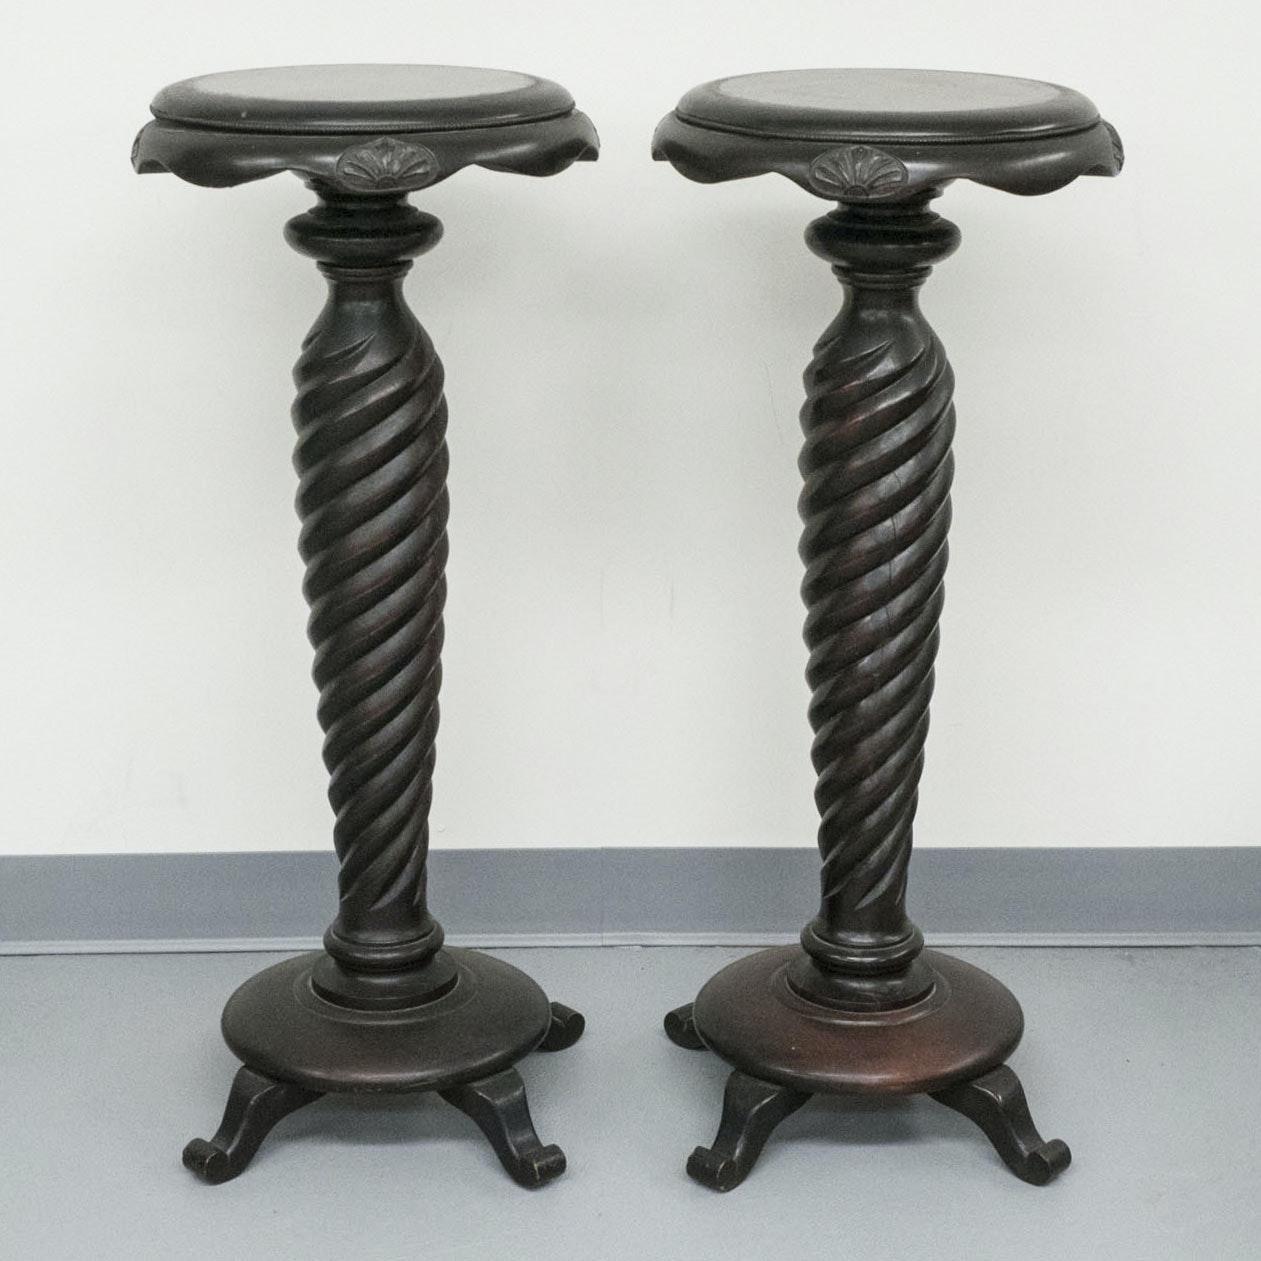 Vintage Barley Twist Pedestal Stands